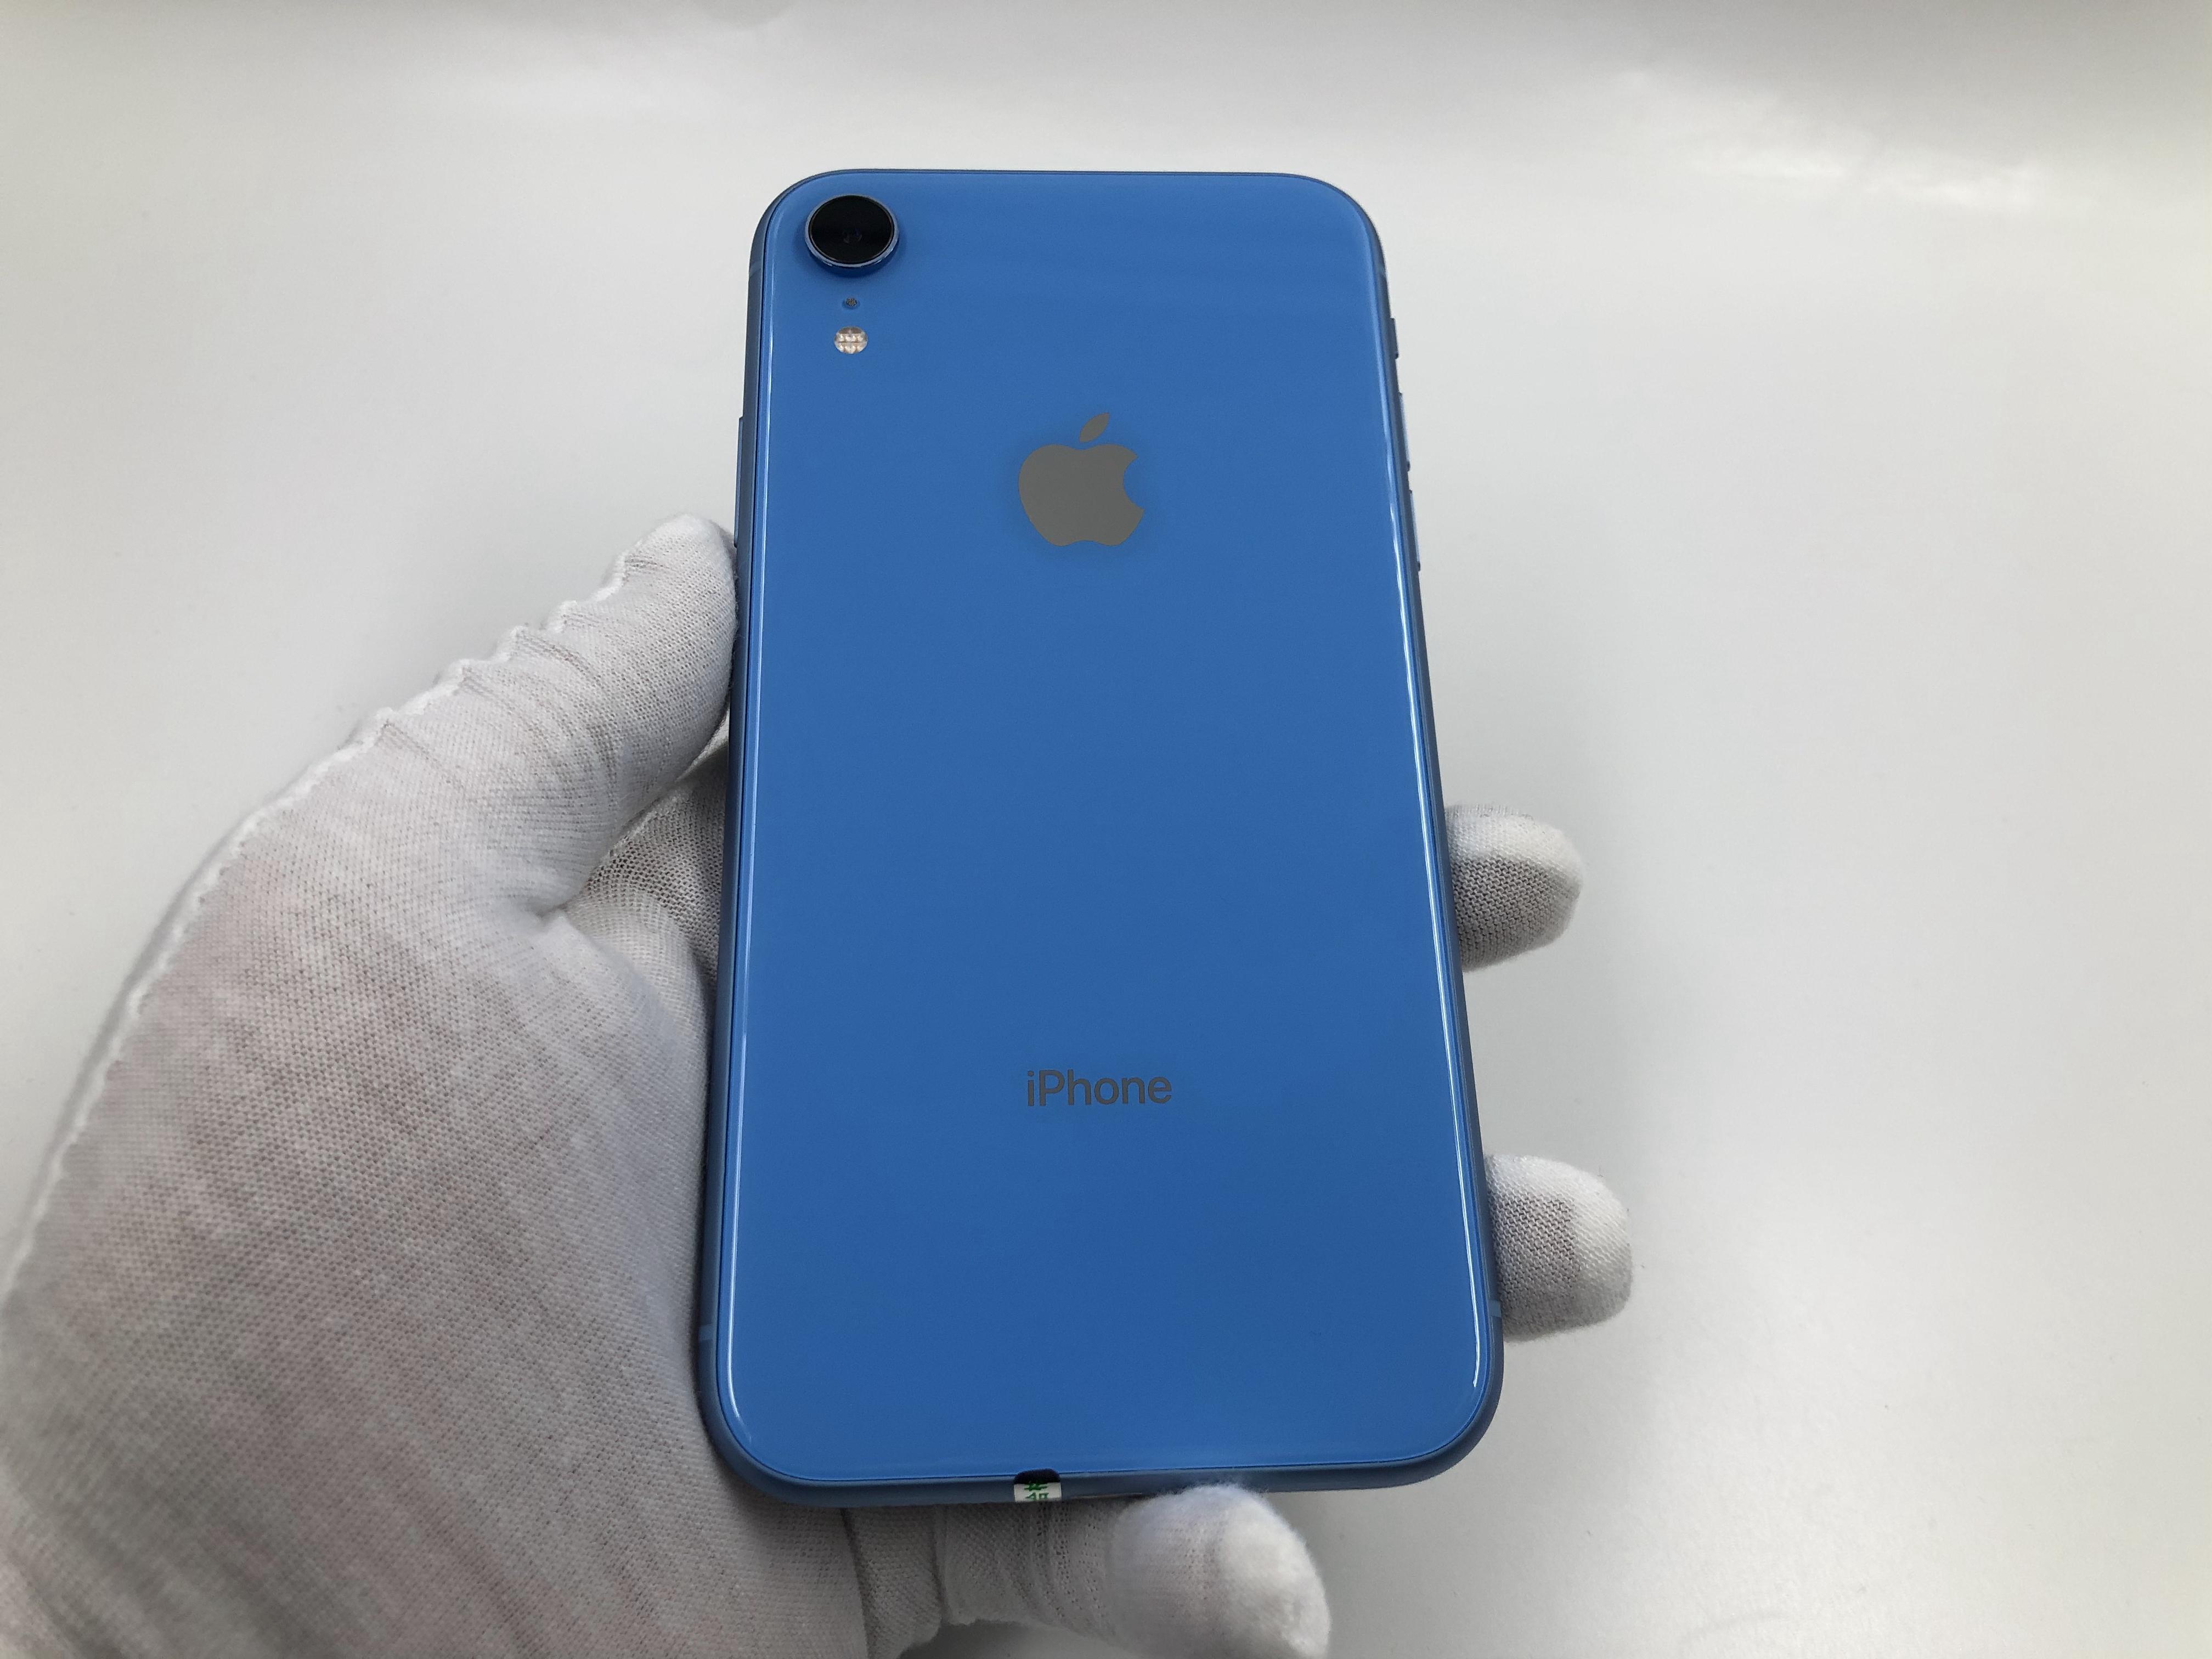 苹果【iPhone XR】4G全网通 蓝色 128G 国行 8成新 真机实拍